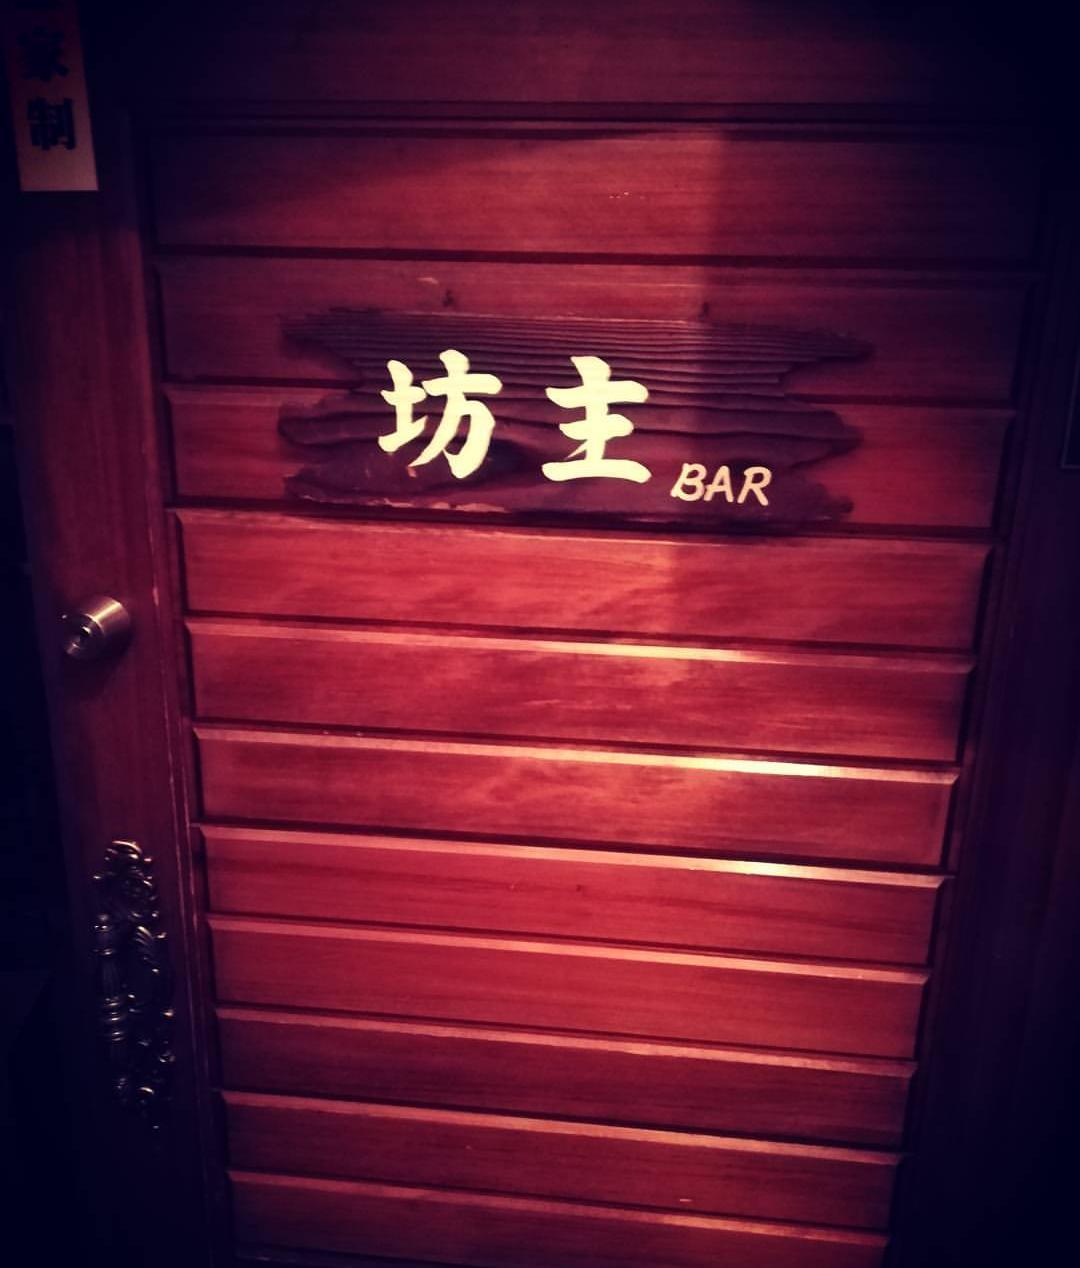 摩訶不思議!坊主bar